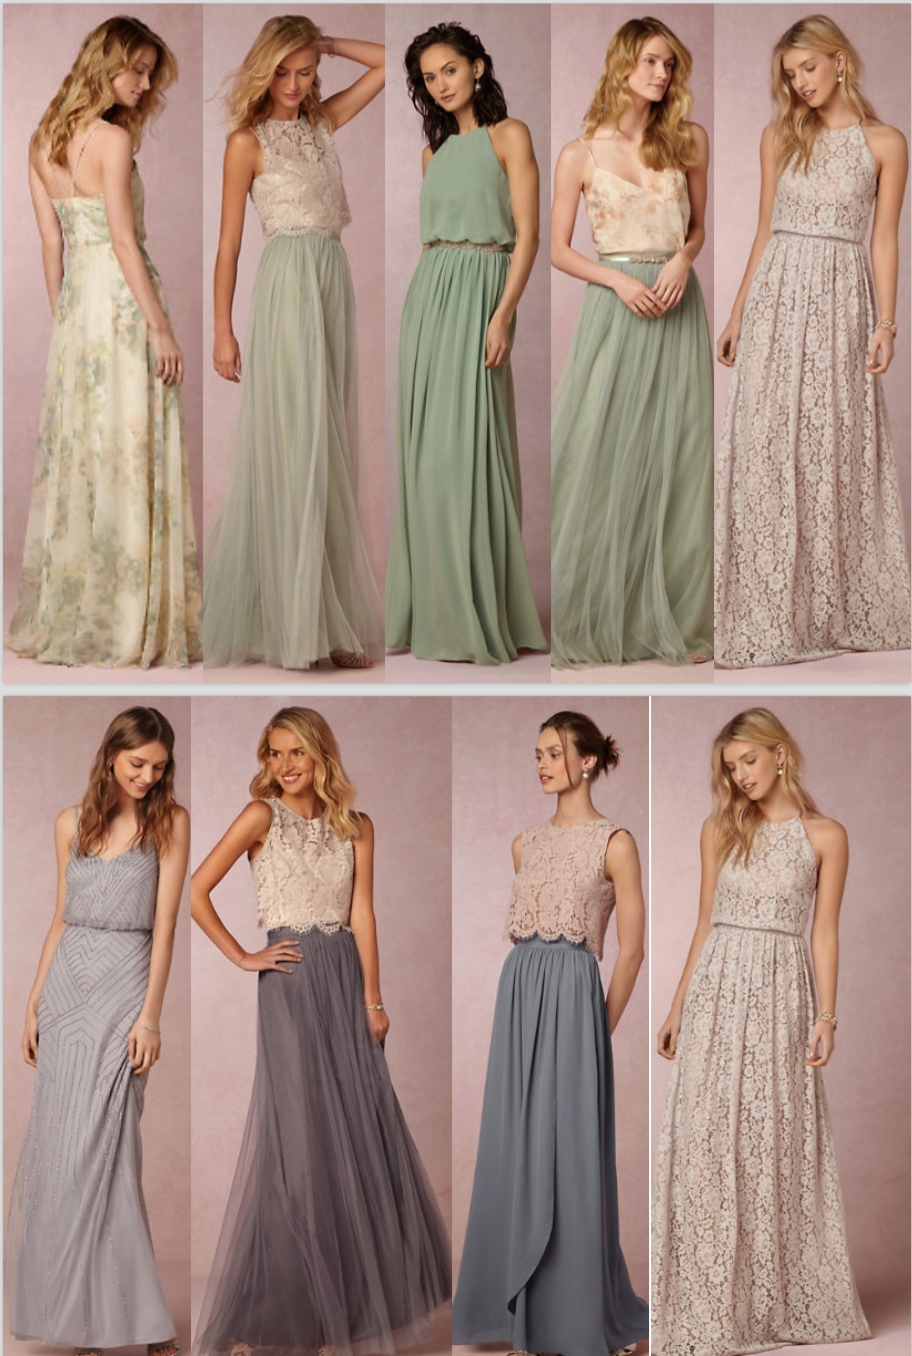 Brautkleider In Pastell Tönen  Trauzeugin Kleid Kleid